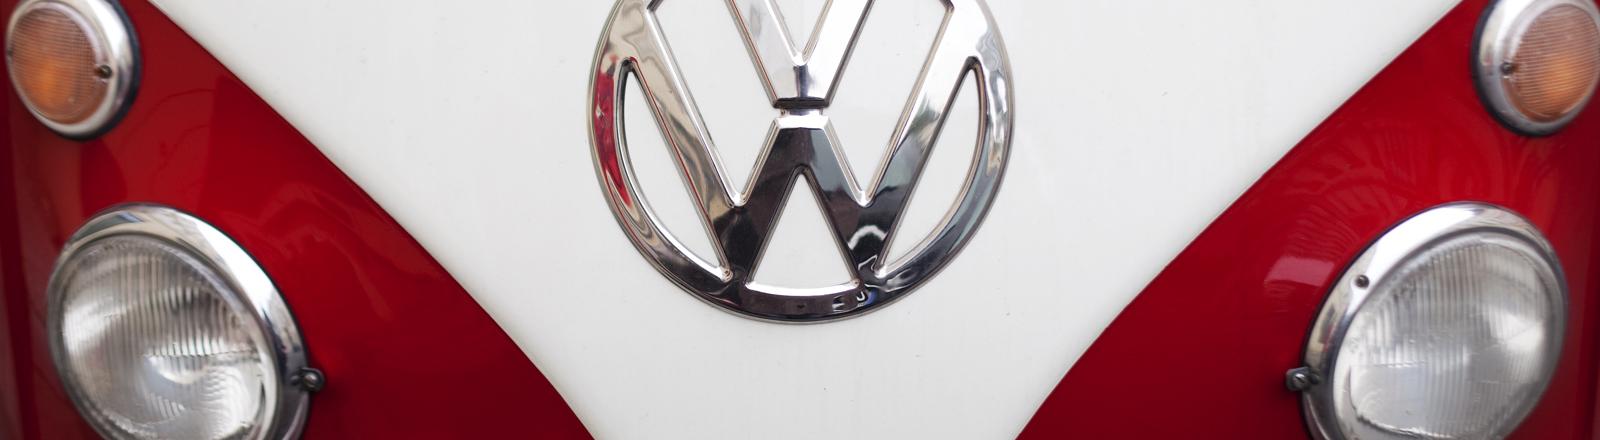 Die Front eines alten VW-Bus